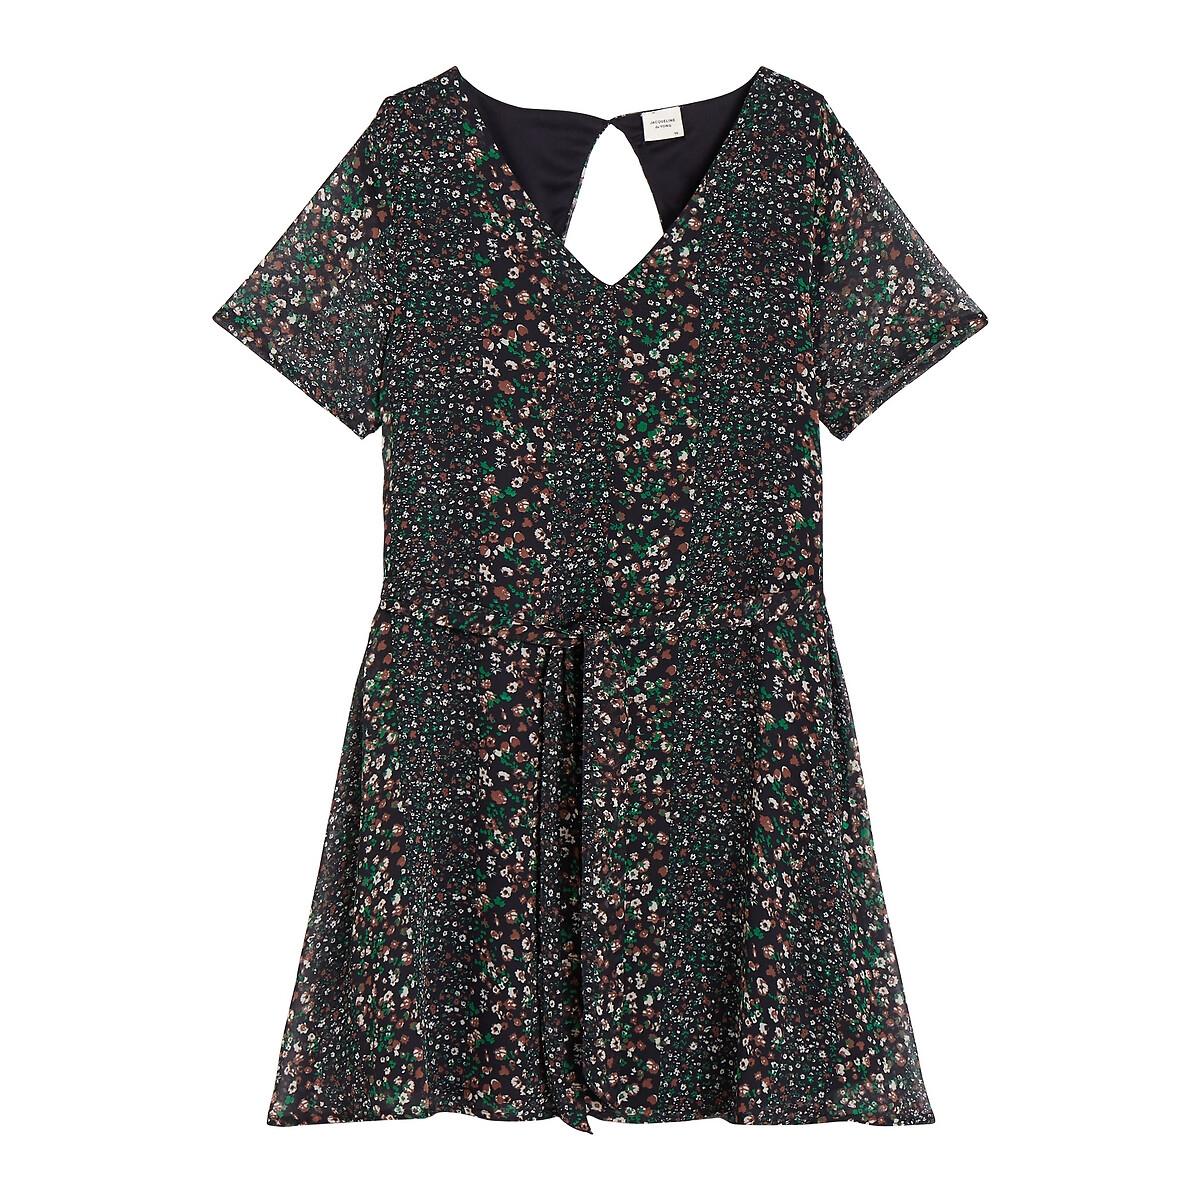 Платье La Redoute Расклешенное с цветочным рисунком длина до колен 34 (FR) - 40 (RUS) синий платье la redoute длинное с цветочным рисунком и напускным эффектом 34 fr 40 rus черный